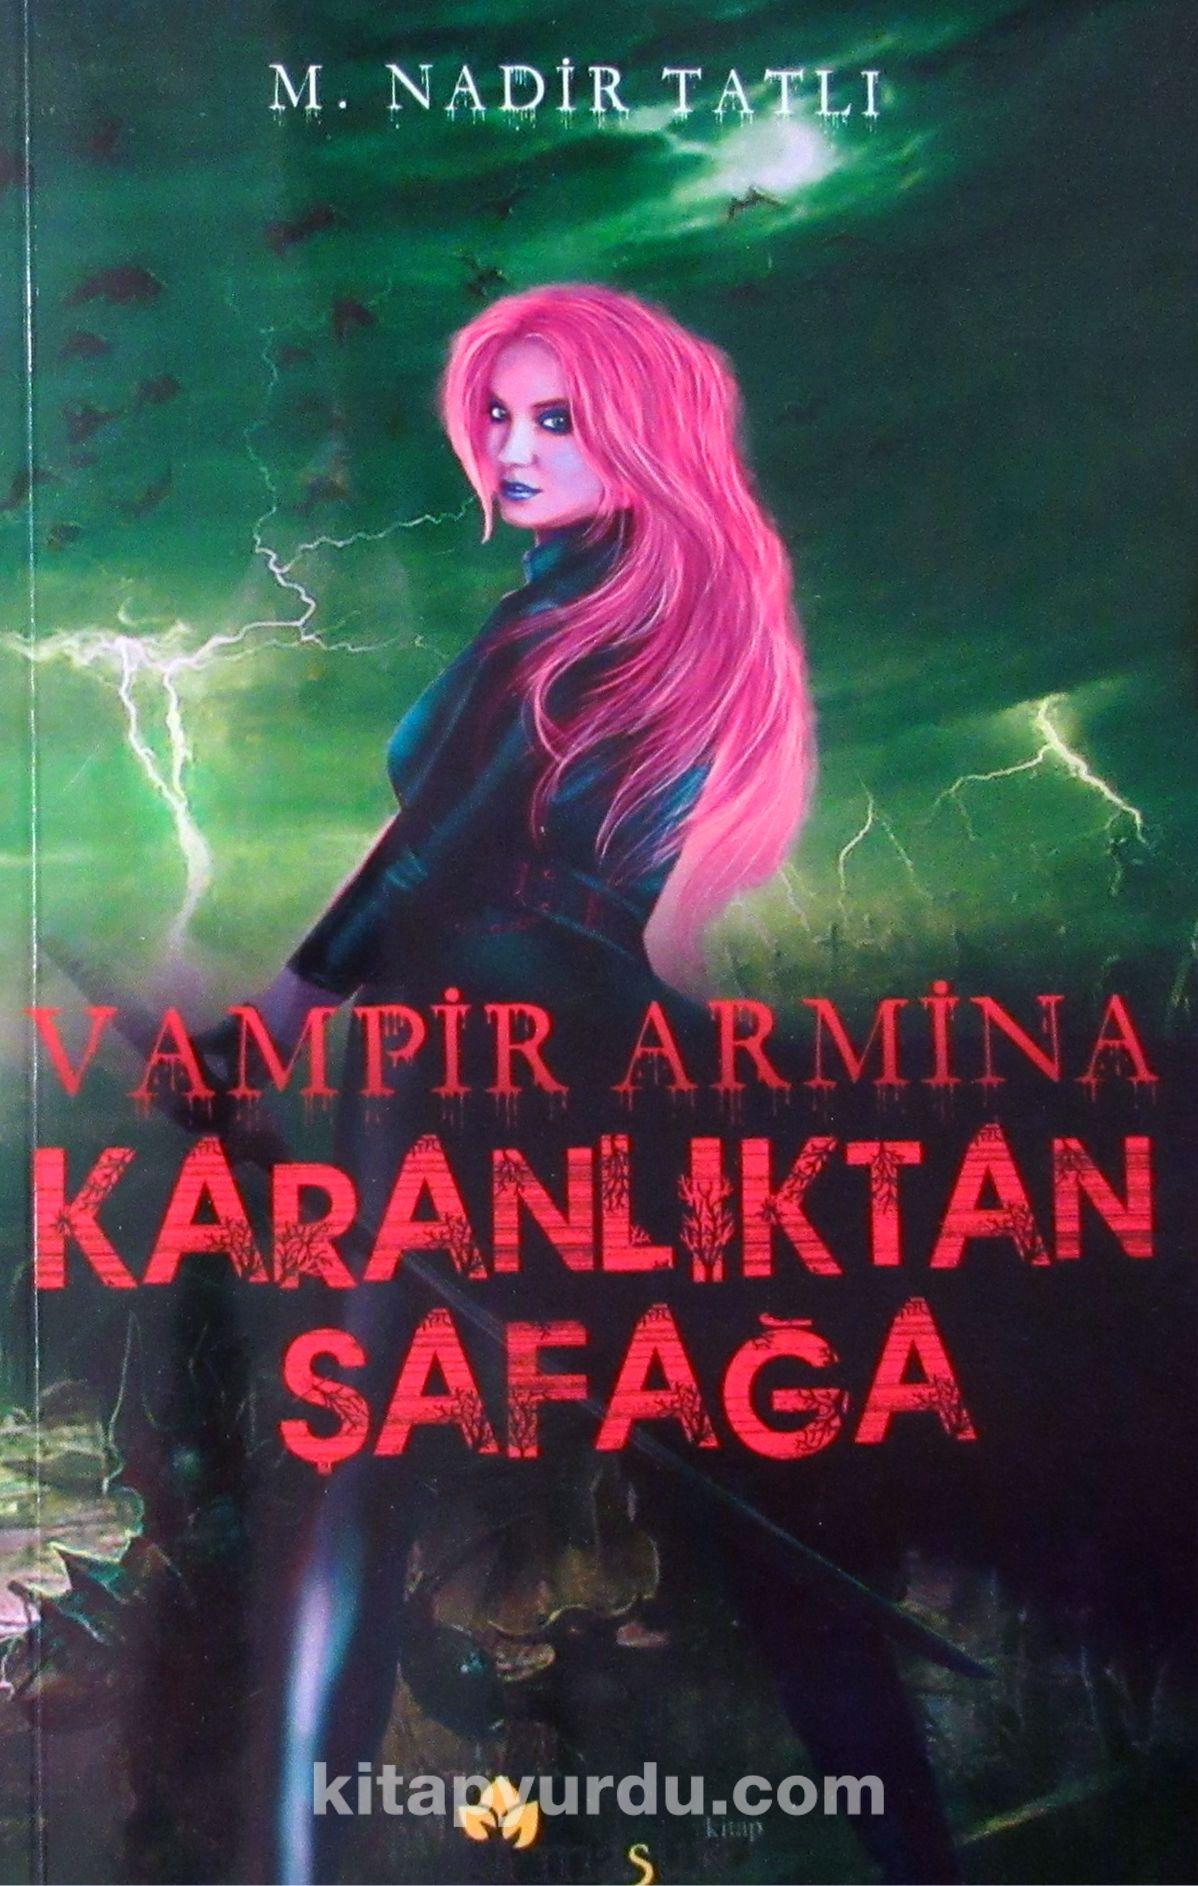 Karanlıktan Şafağa / Vampir Armina - M. Nadir Tatlı pdf epub